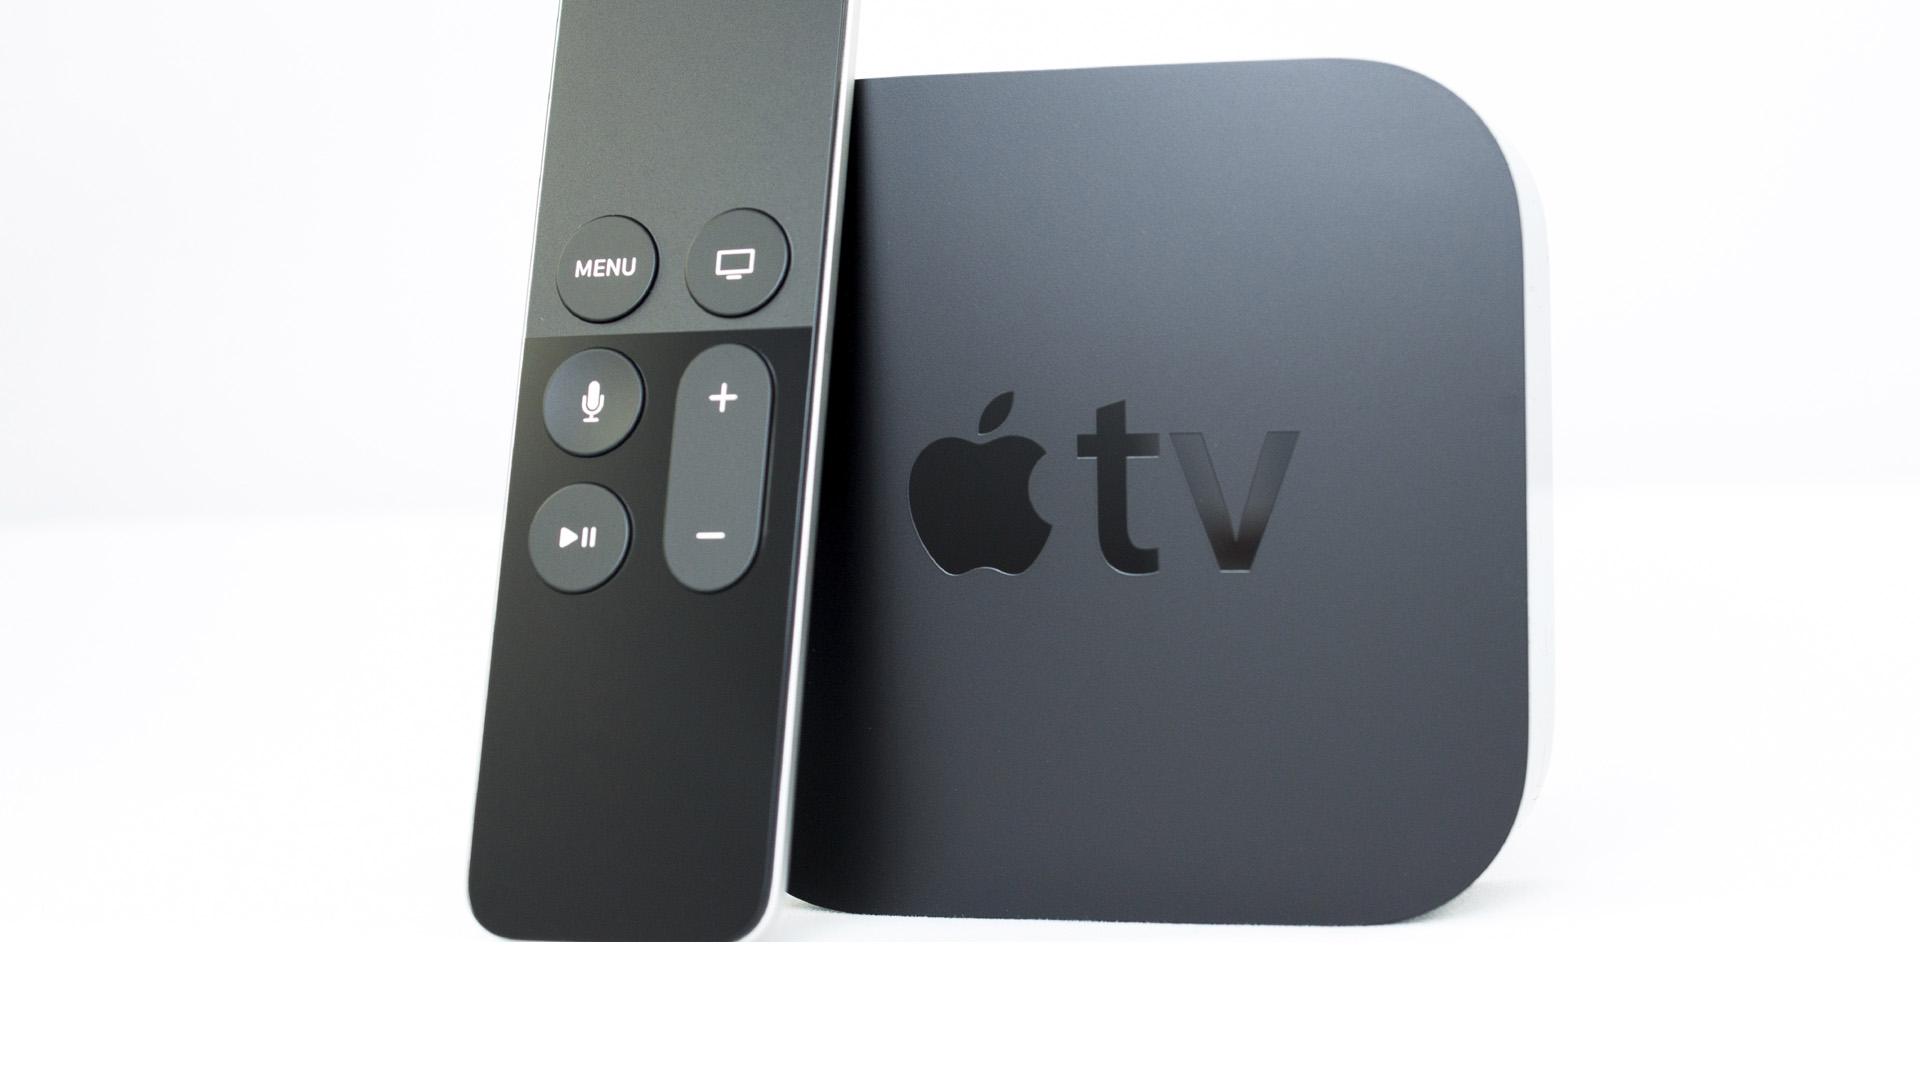 La compañía de la manzana estaría tras Time Warner para acelerar el lanzamiento de su streaming